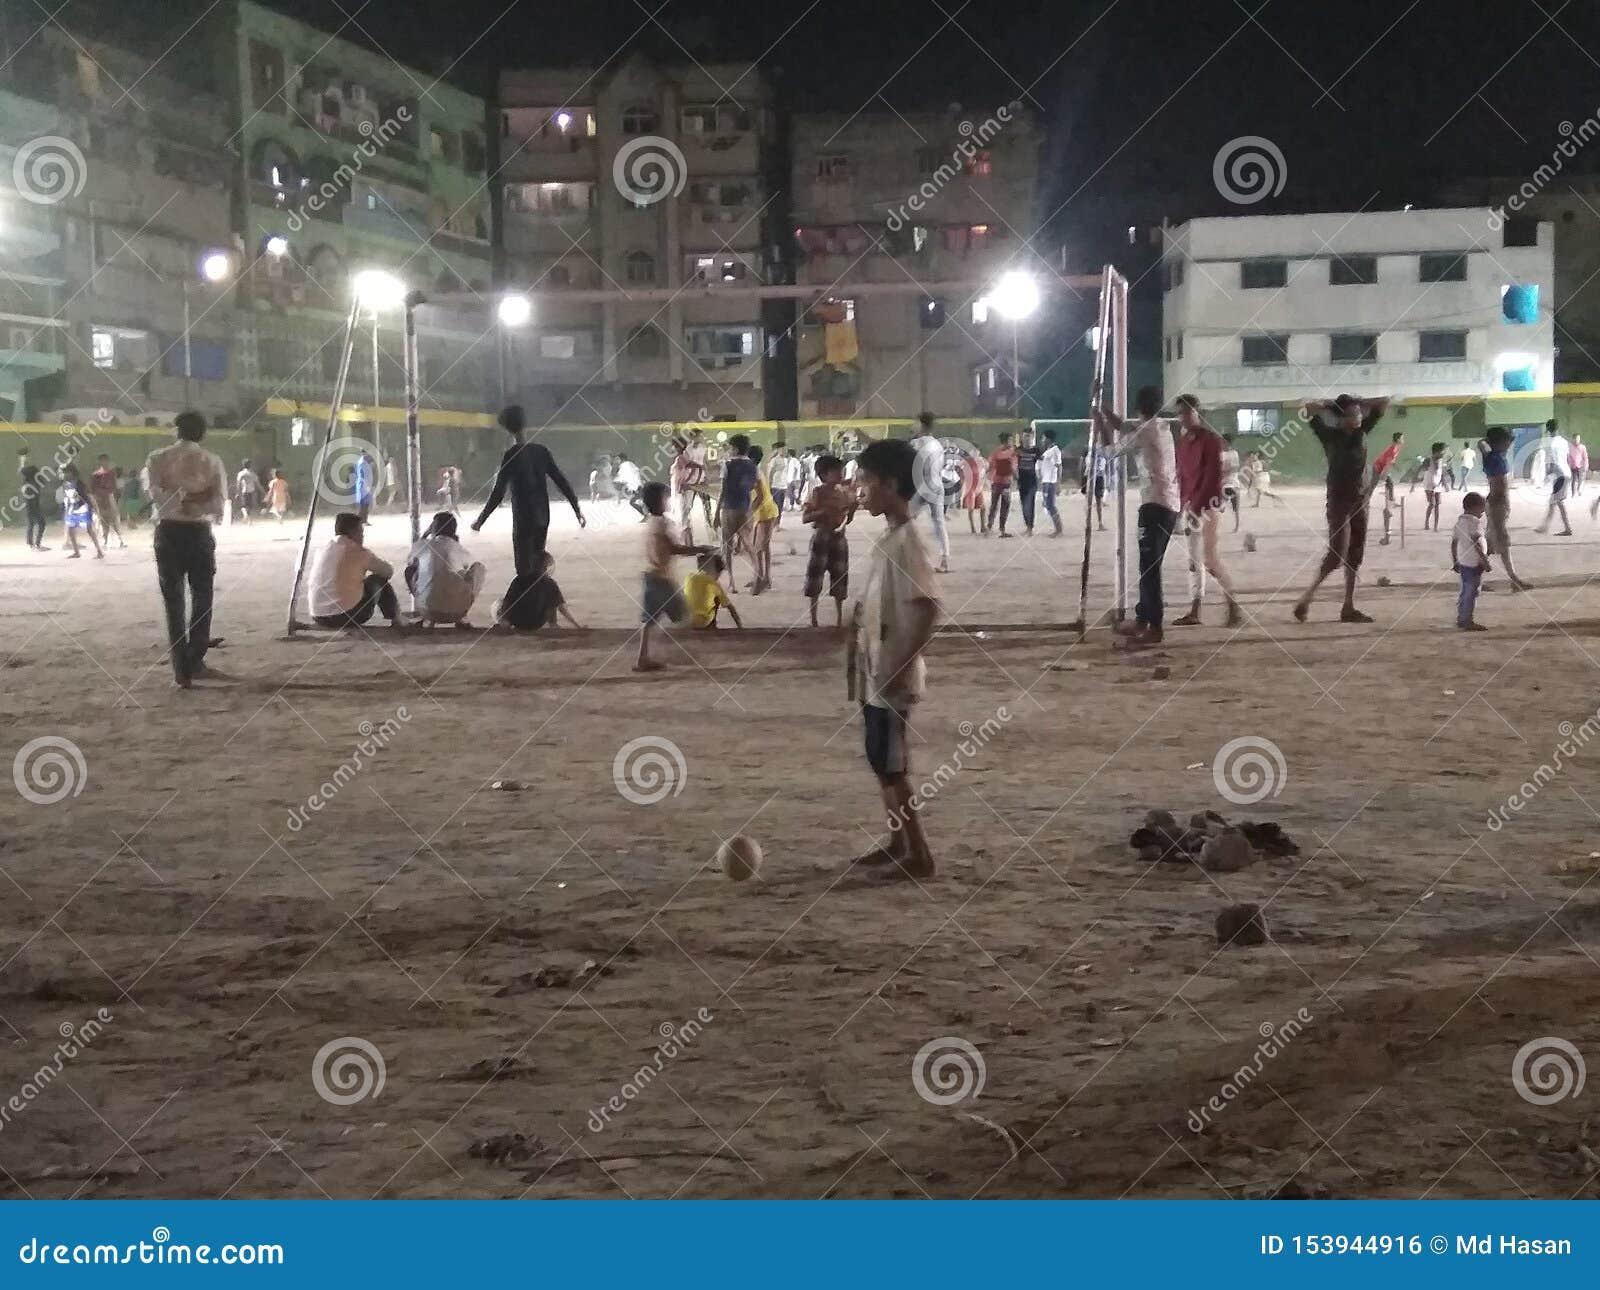 παίζοντας παιδιά στο πάρκο στη νύχτα στην Καλκούτα Ινδία